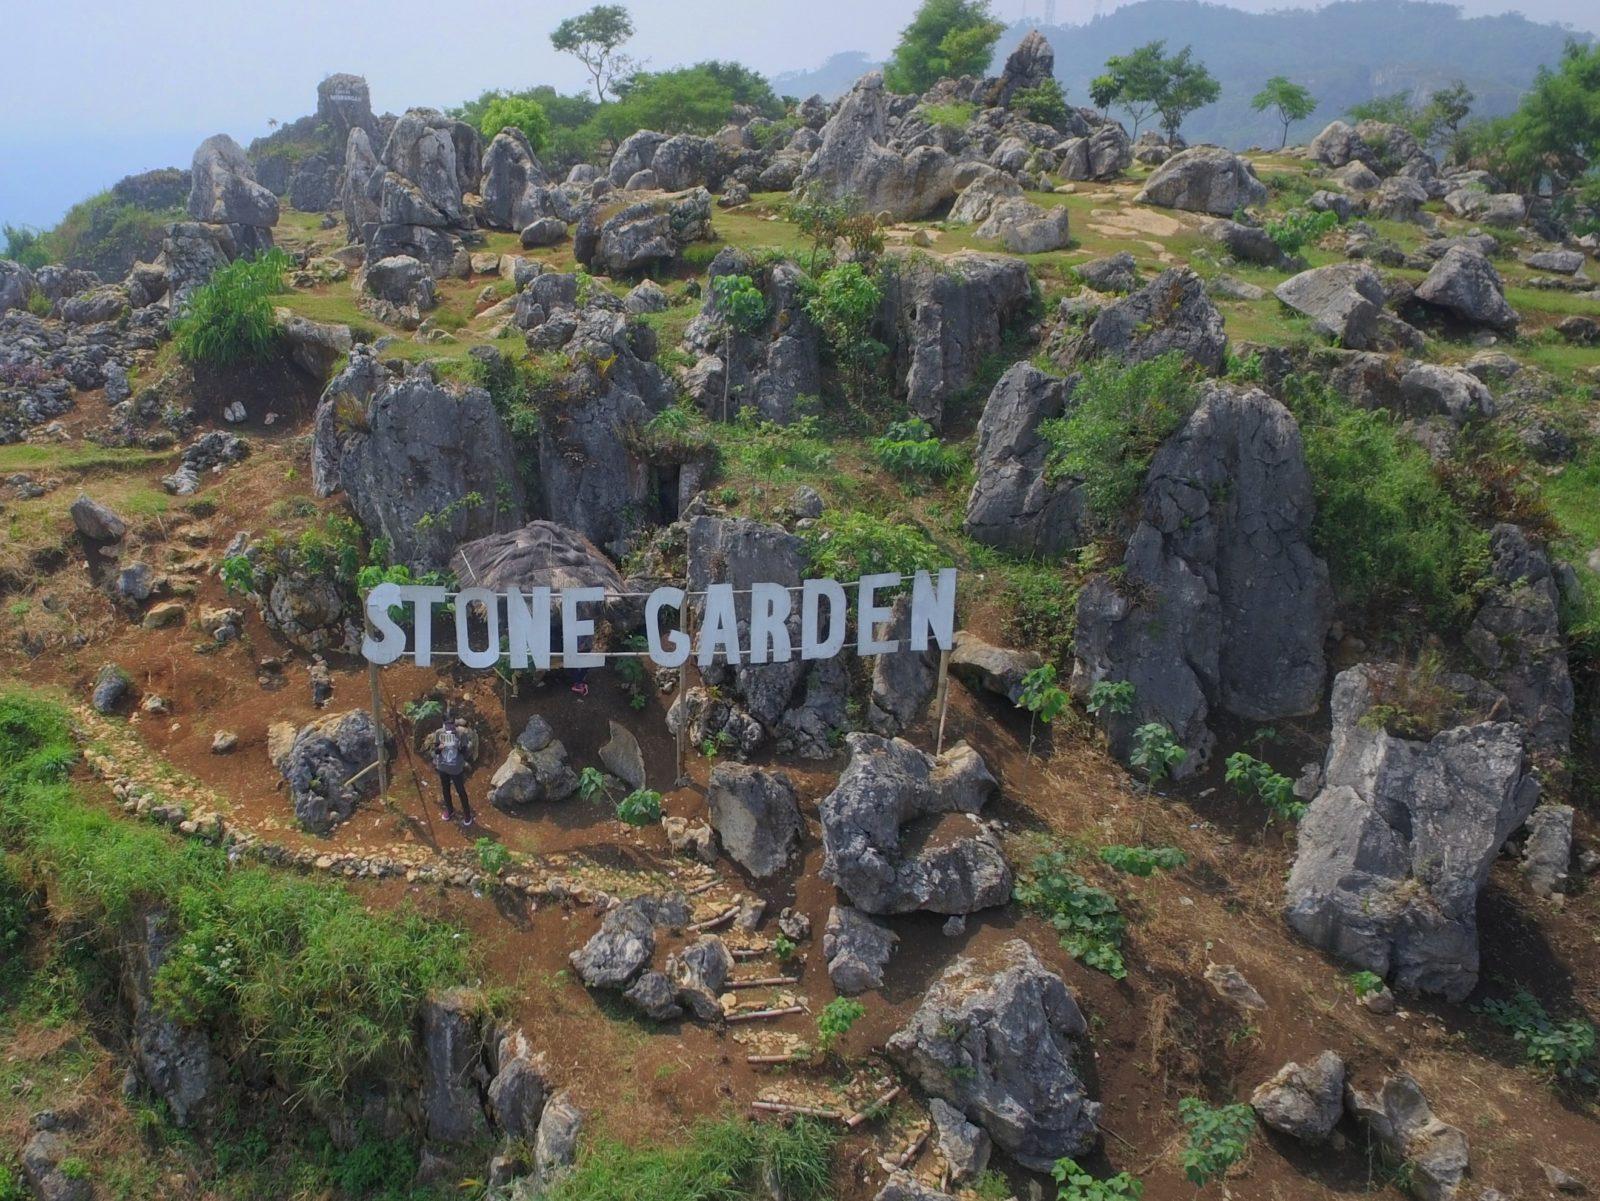 Stone Garden Bandung Tiket Aktivitas Agustus 2021 Travelspromo